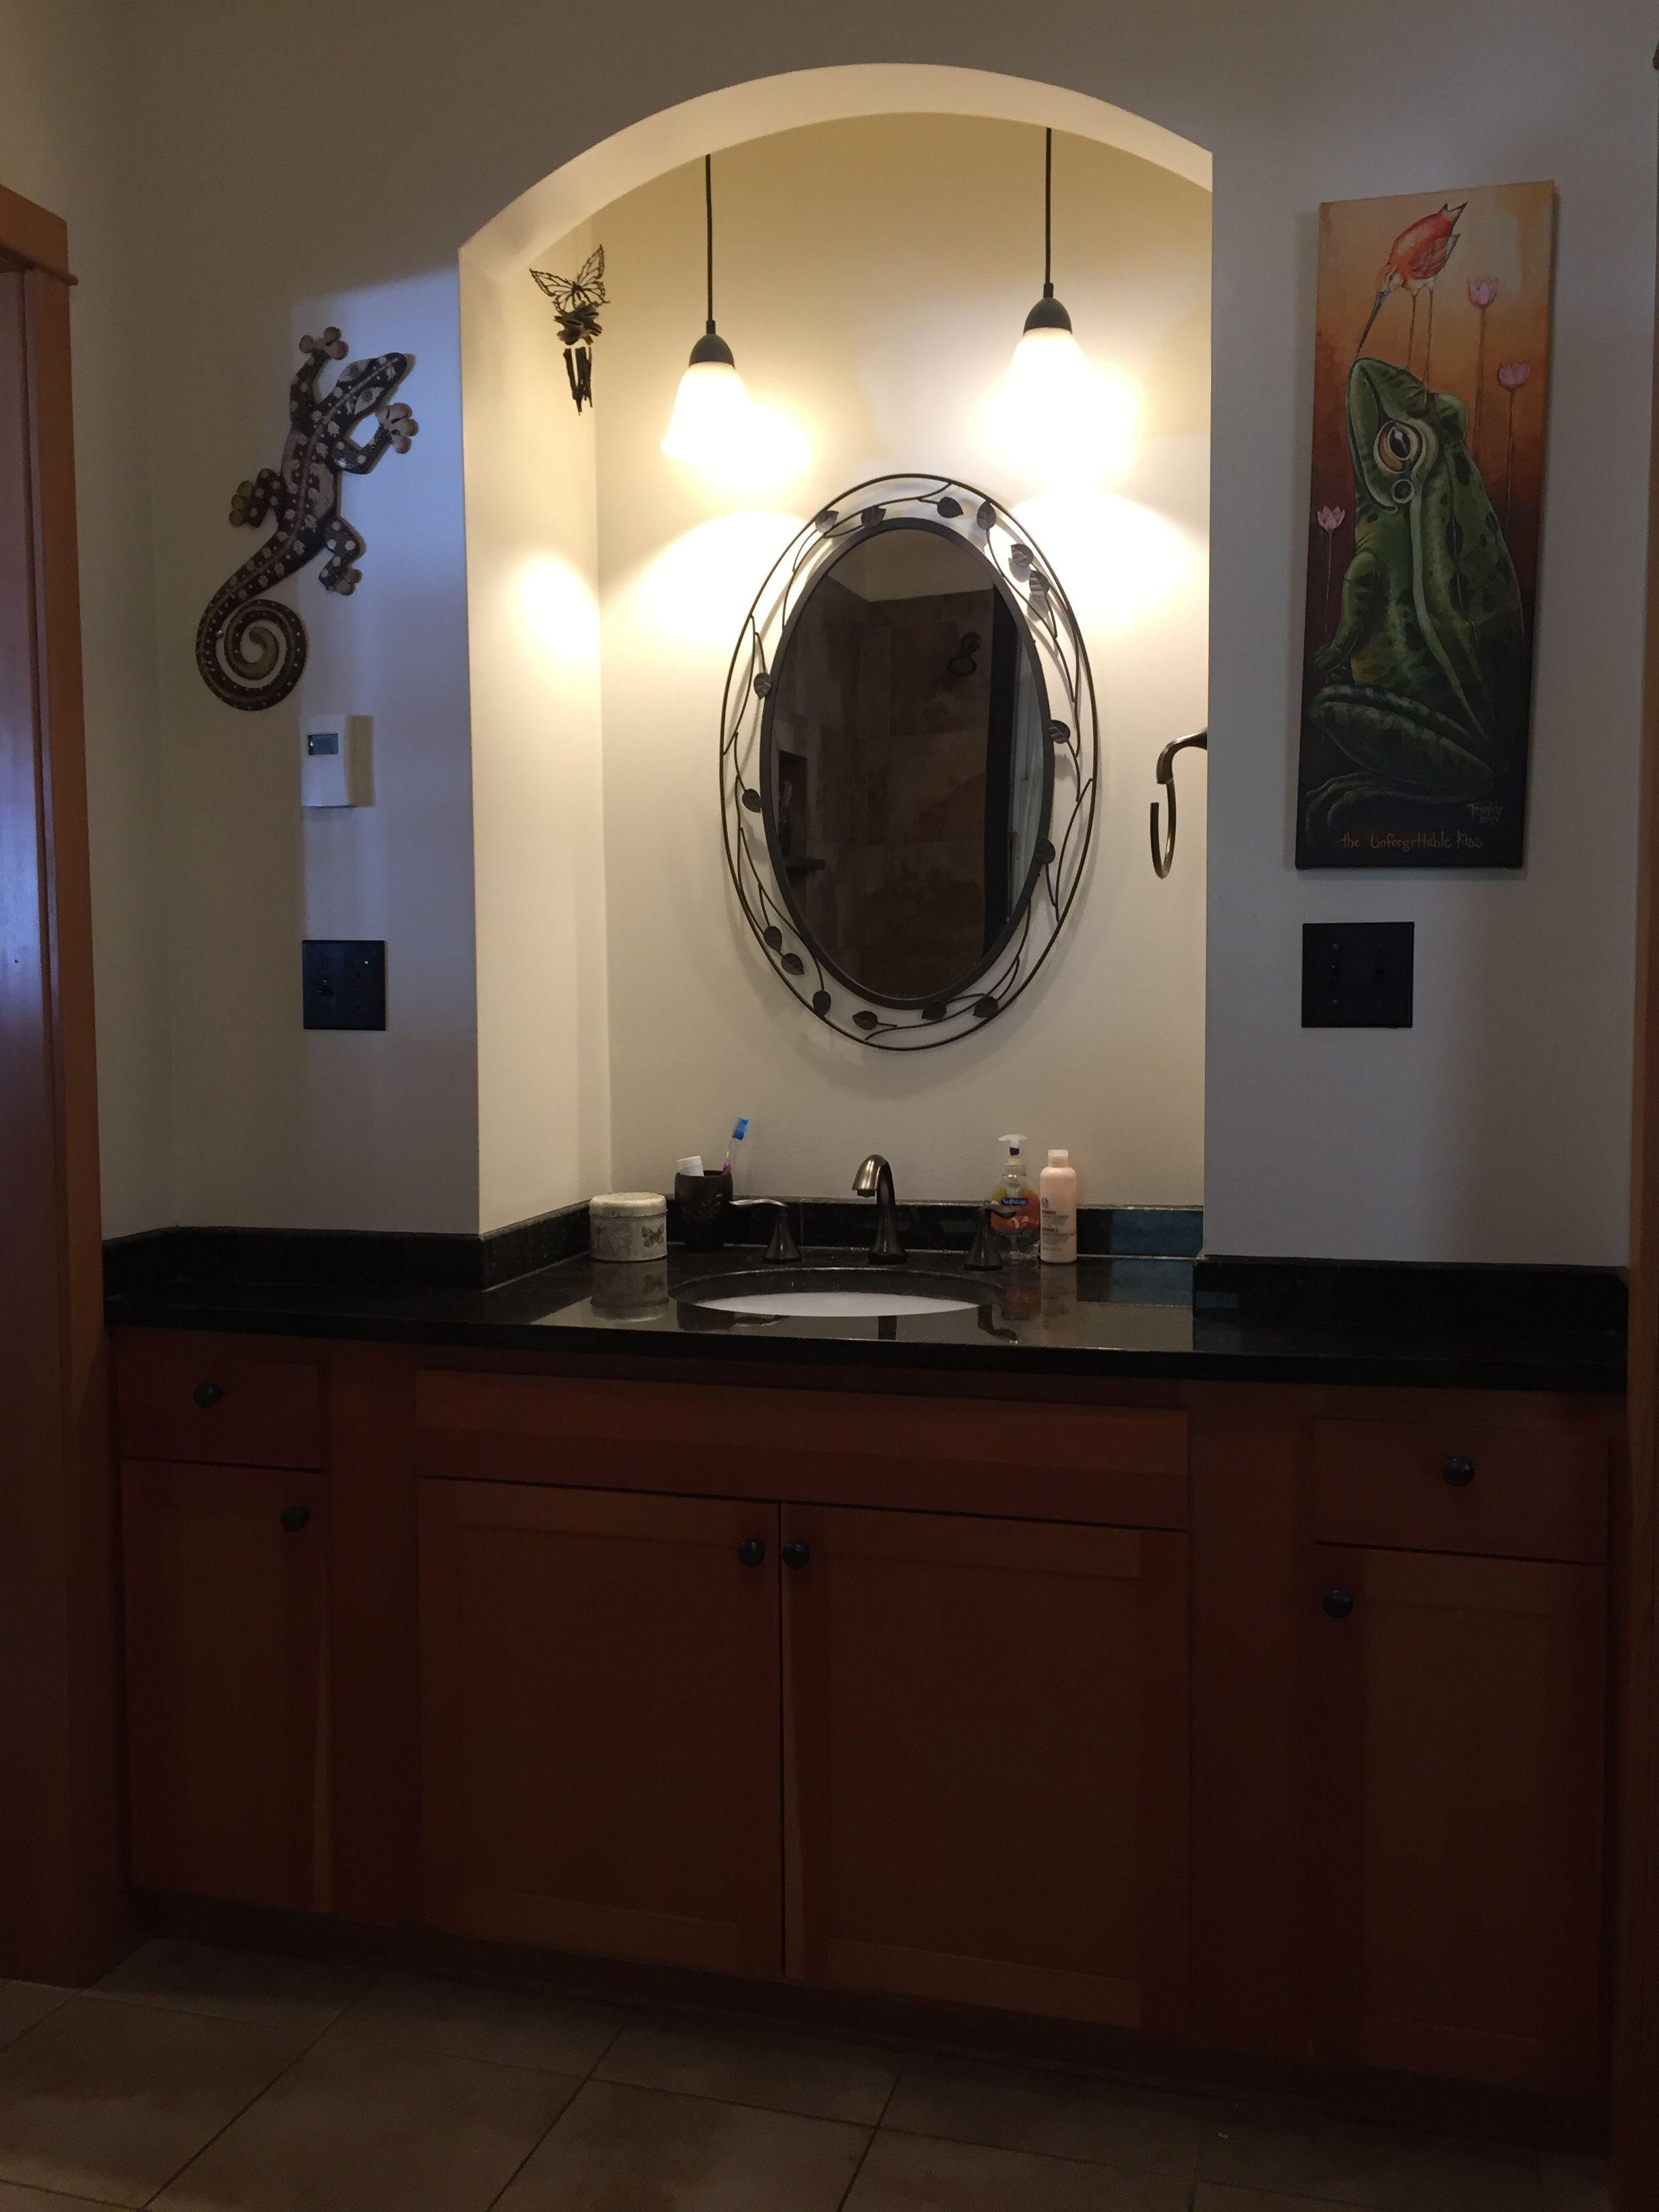 Bathroom Remodeling Eugene Oregon stunning bathroom remodel in a 1920's house. eugene, oregon